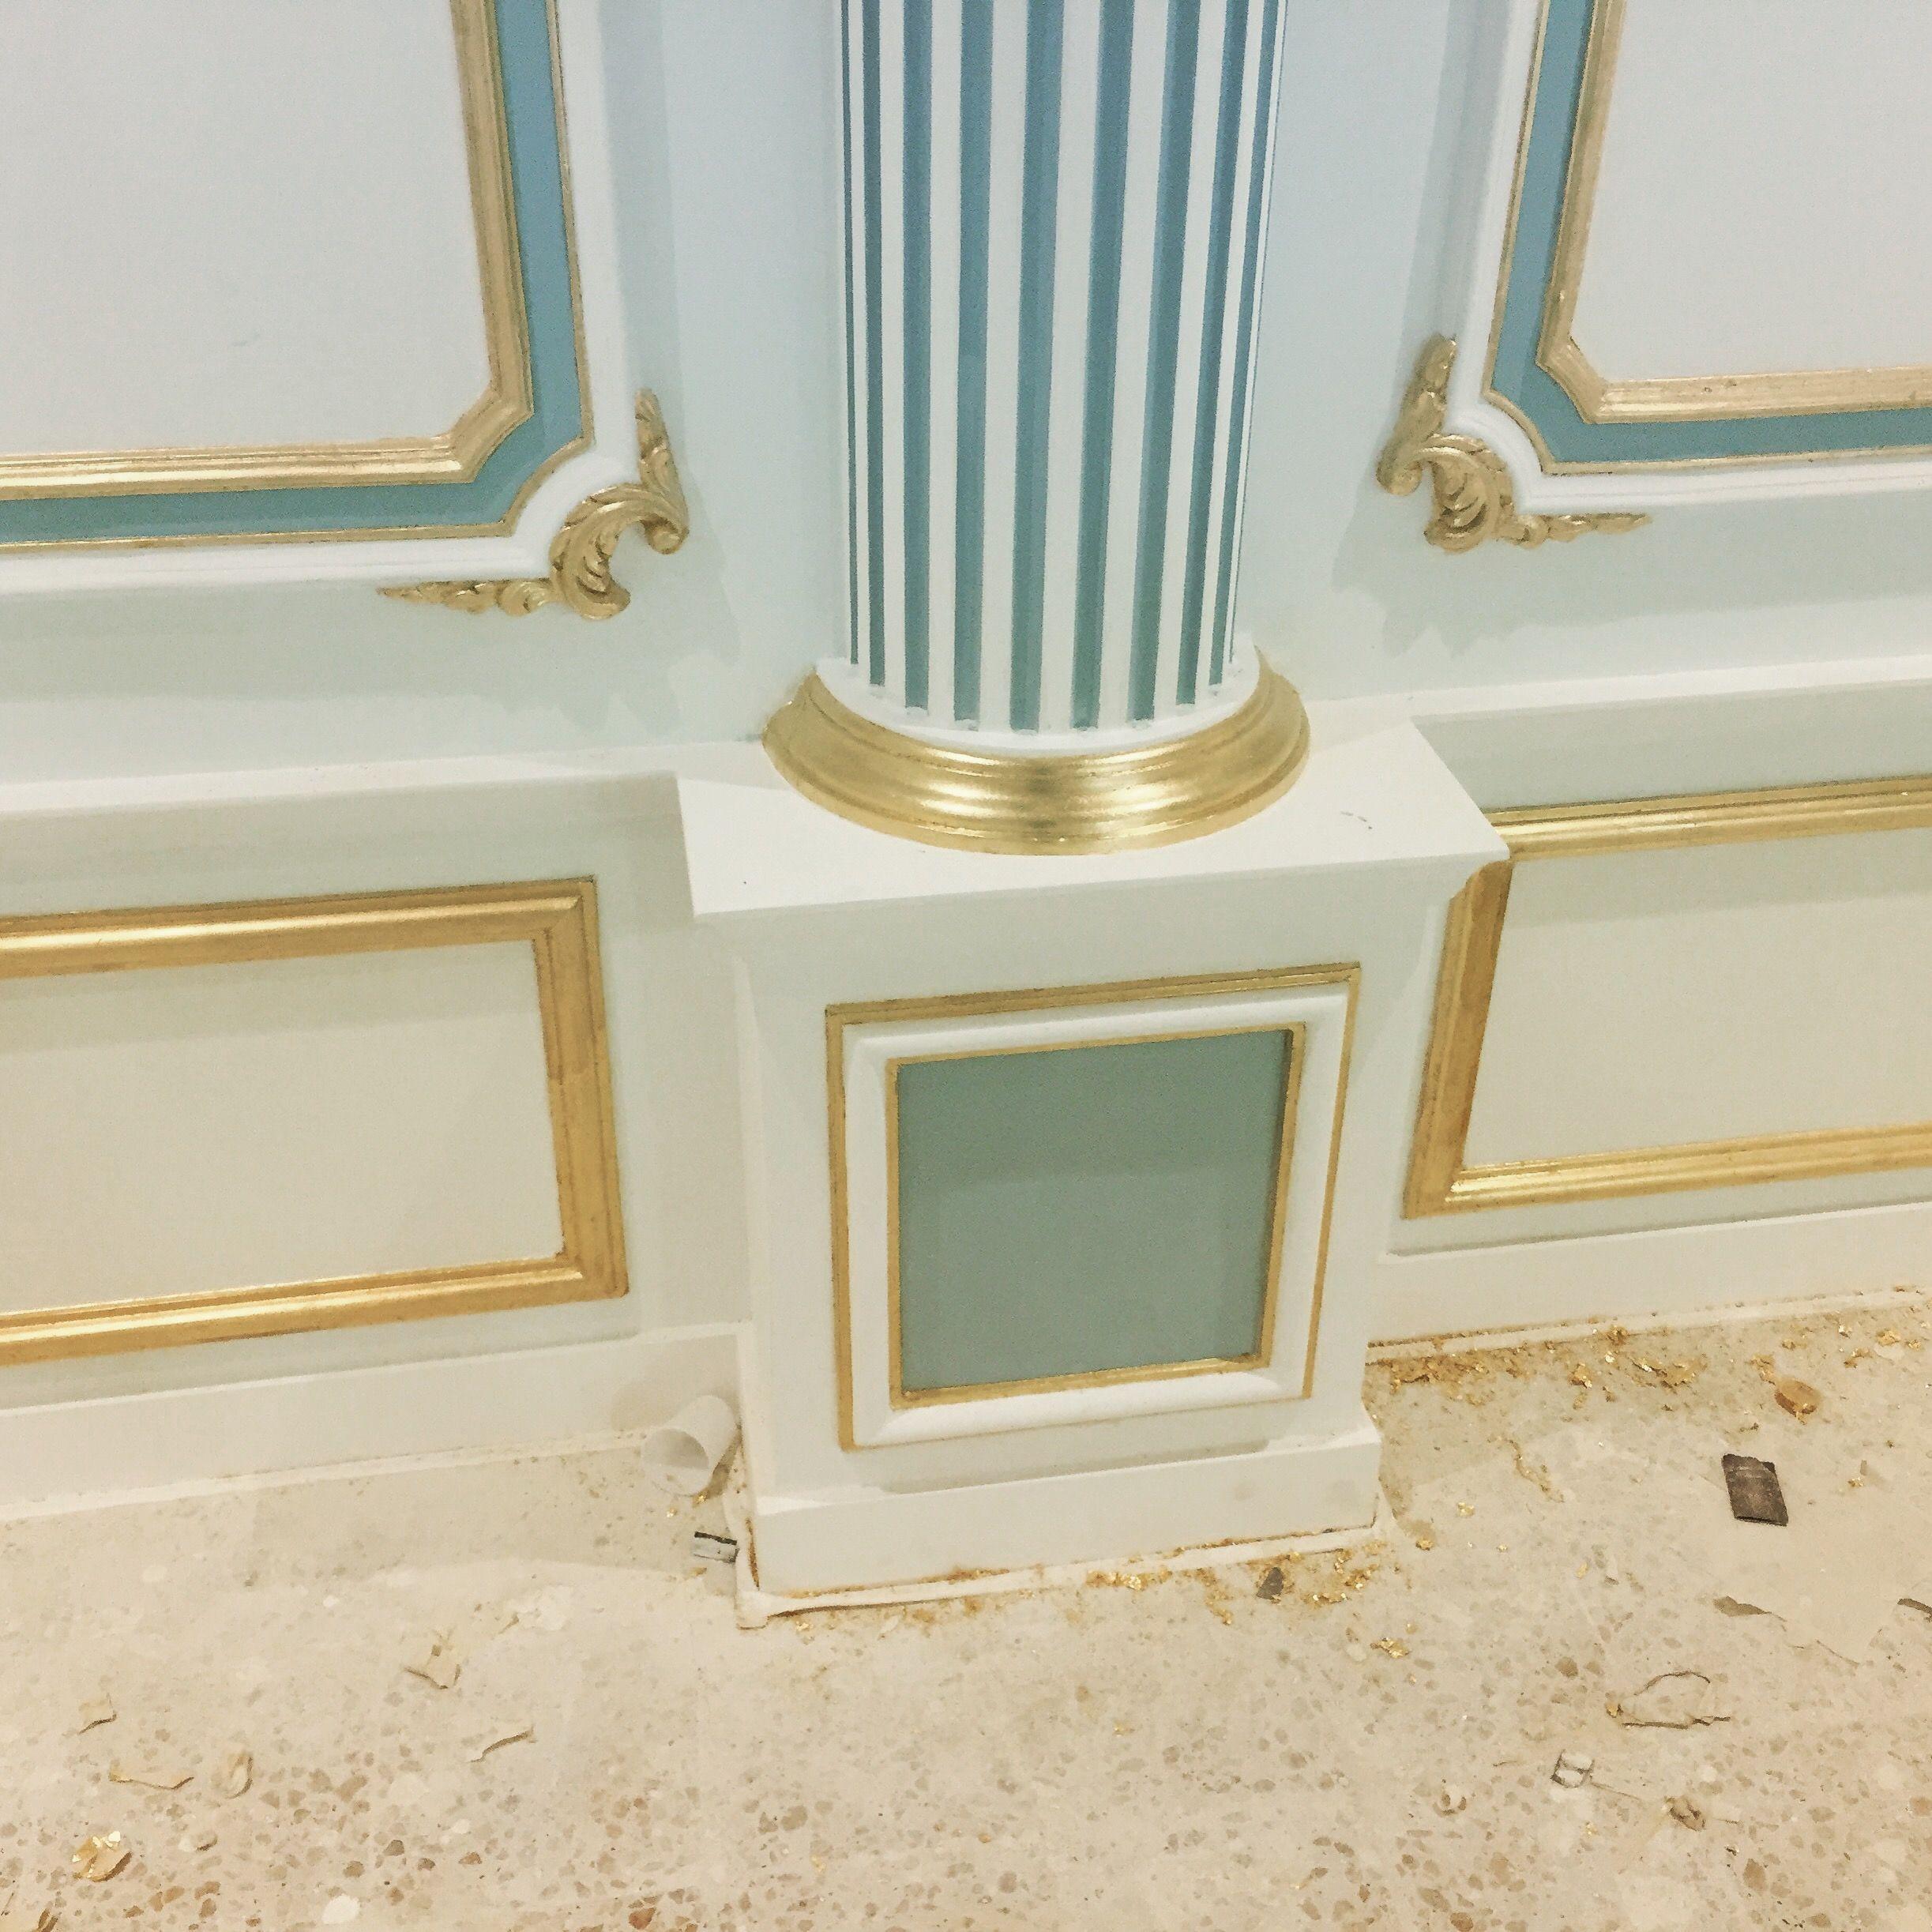 معلومات عن الاإعلان دهانات جدران نقوم بجميع اعمال دهانات الجدران الداخلية والخارجية الايطالية والفرنسية 0552212864 Decor Home Decor Frame